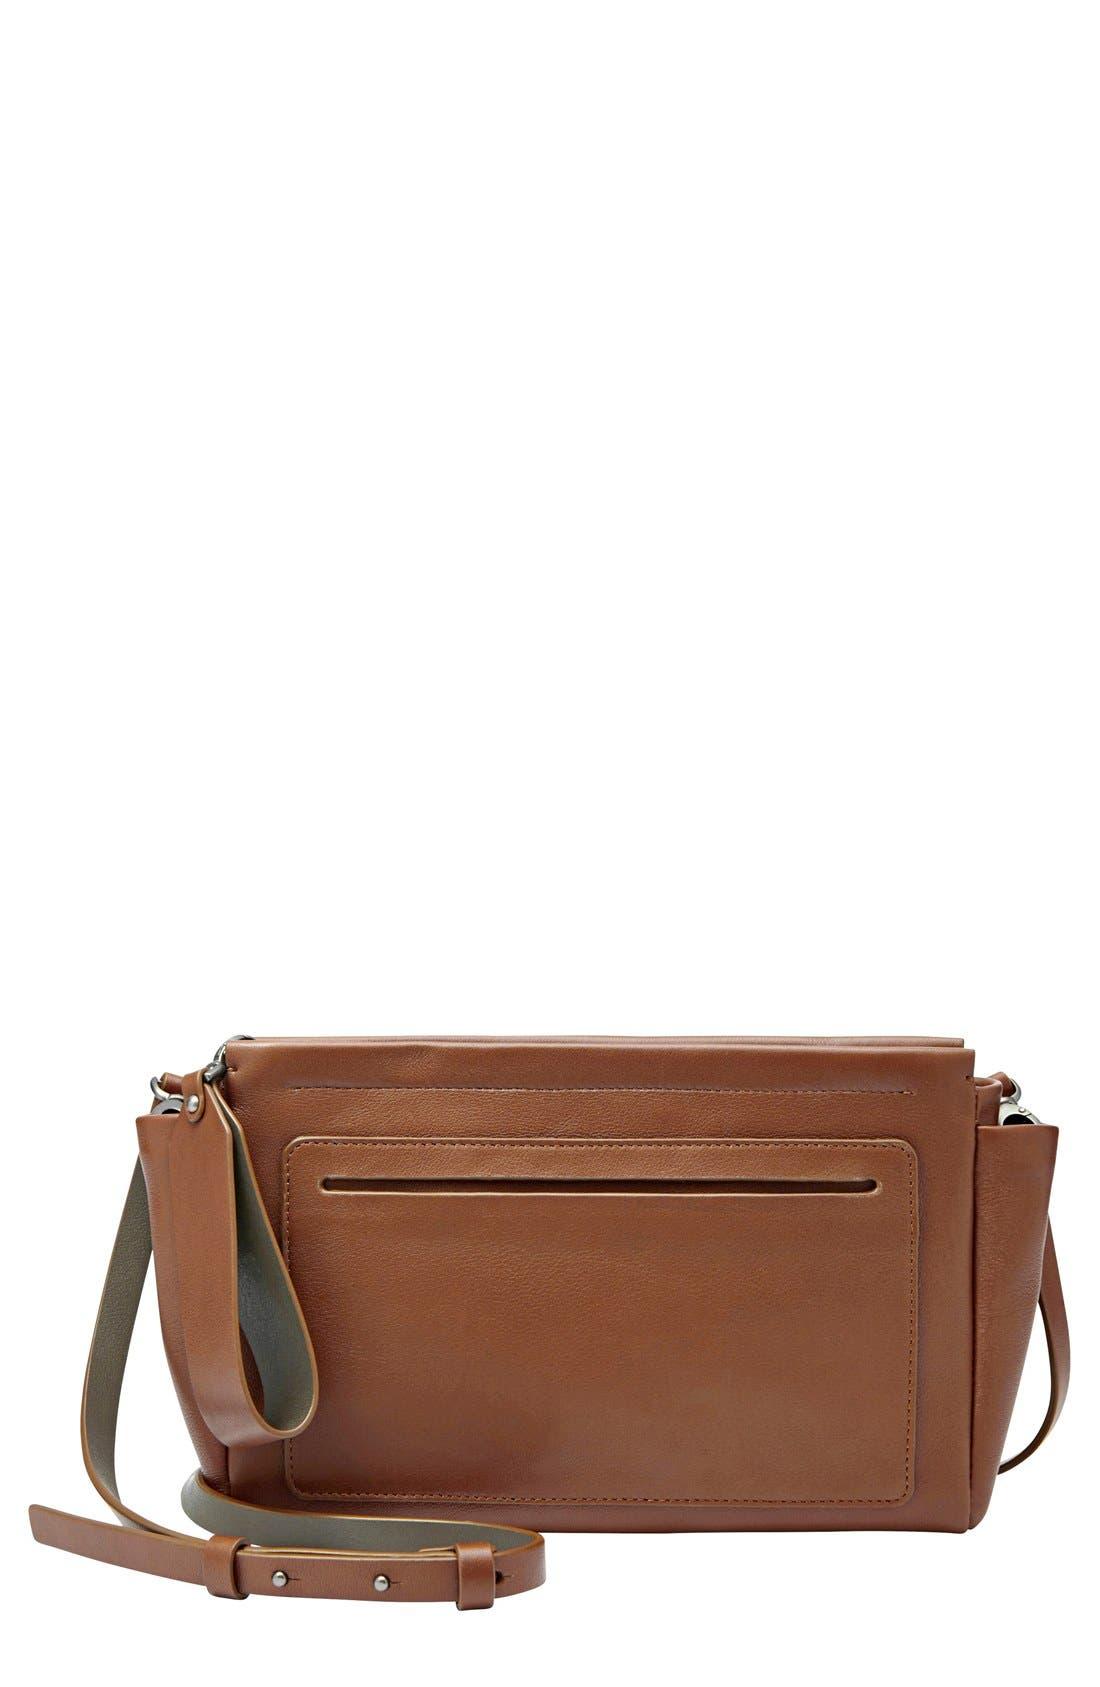 Alternate Image 1 Selected - Skagen 'Dorte' Convertible Crossbody Bag